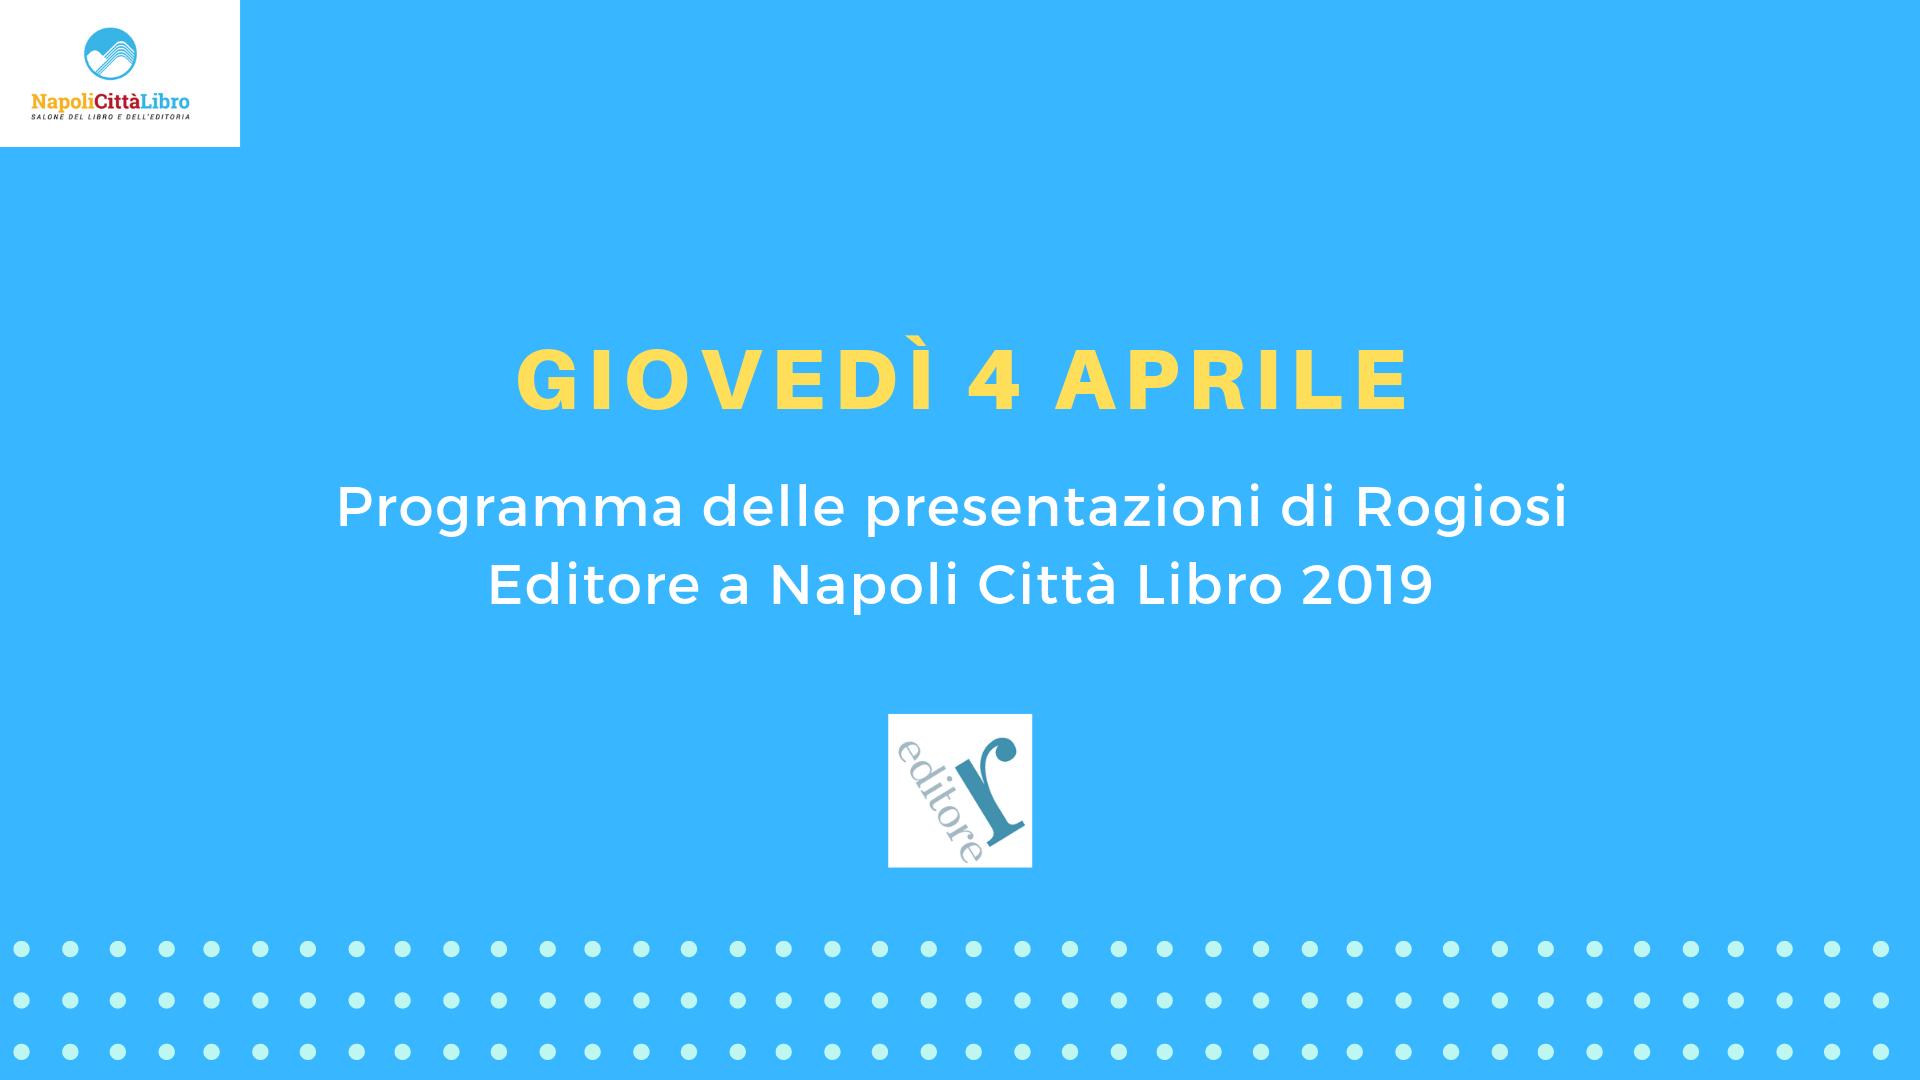 Giovedì 4 Aprile: le nostre presentazioni a NapoliCittàLibro